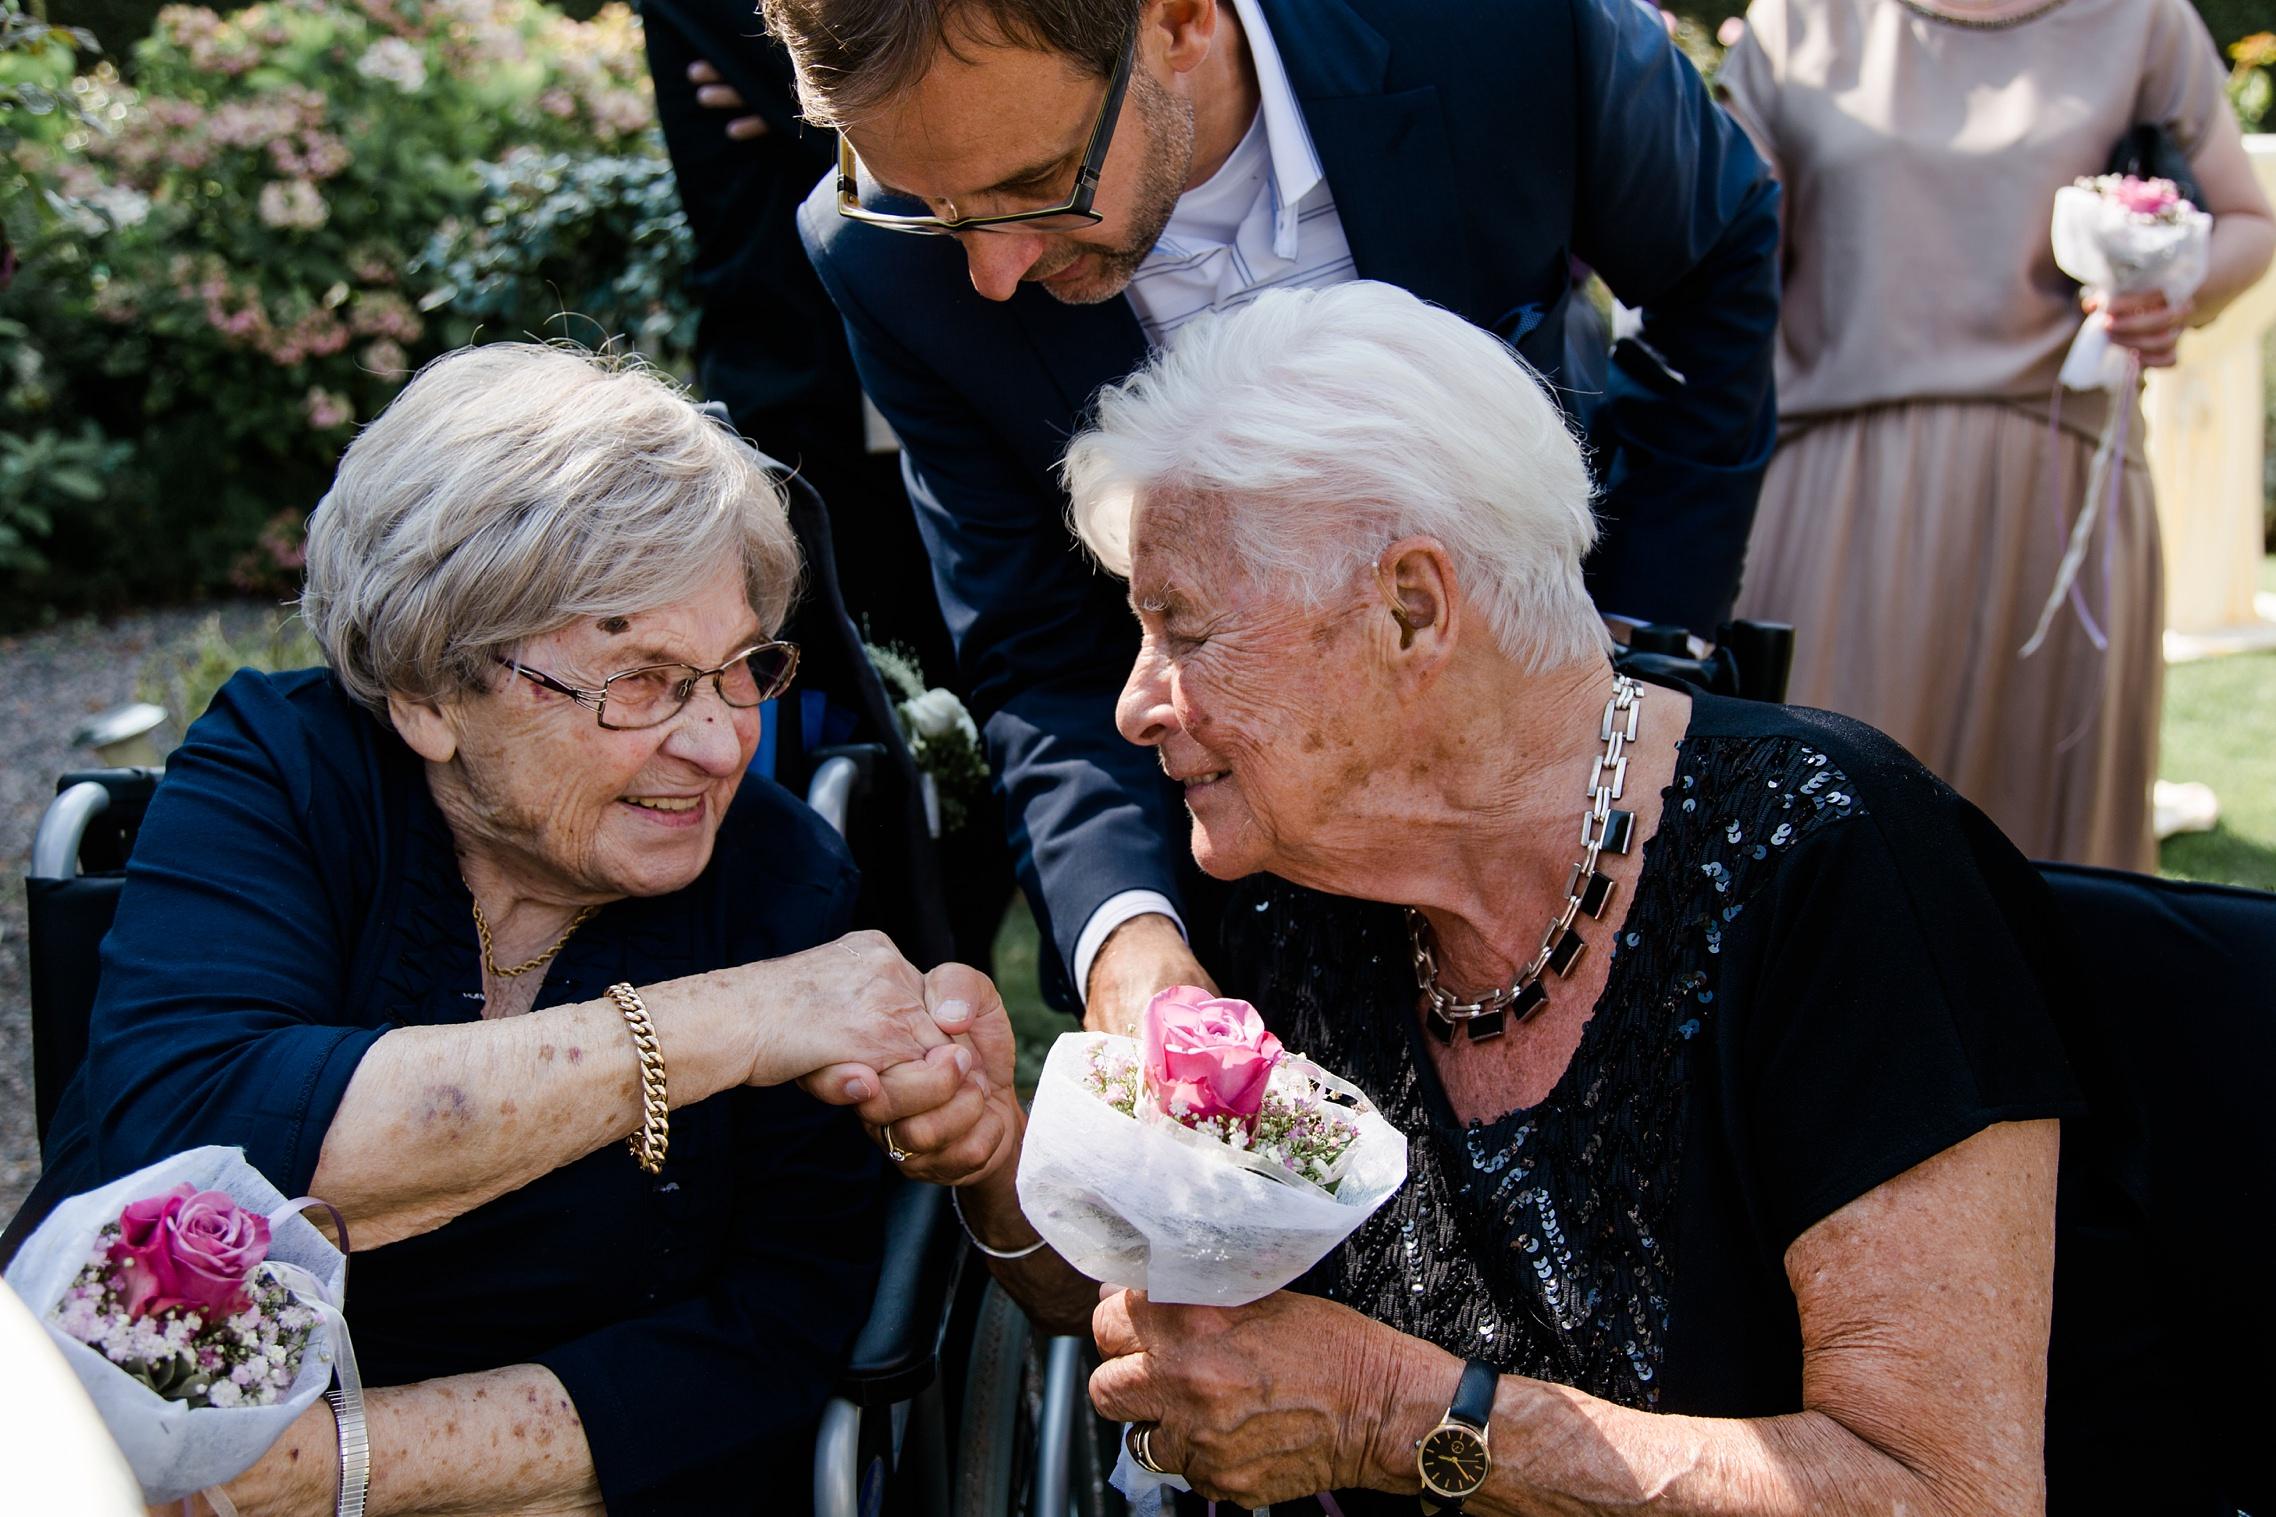 Die Großmütter des Hochzeitspaares treffen sich auf der Hochzeit zum ersten Mal und verstehen sich direkt sehr gut.